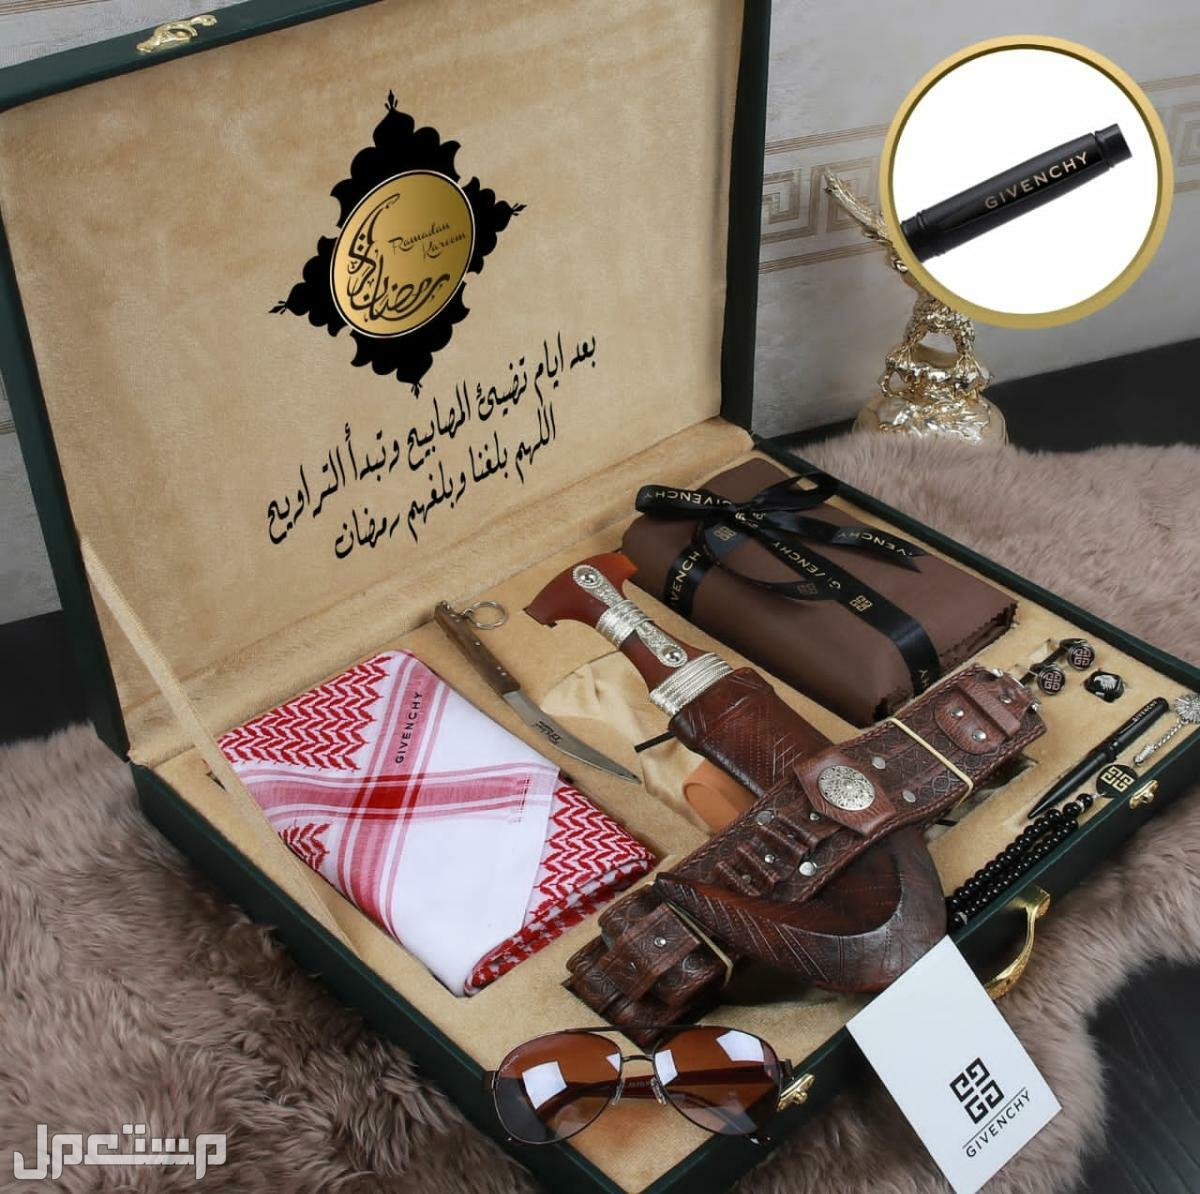 بوكس رجالي ملكي فخم ماركة جيفنشي عبارة اهداء بمناسبة شهر رمضان حسب الطلب